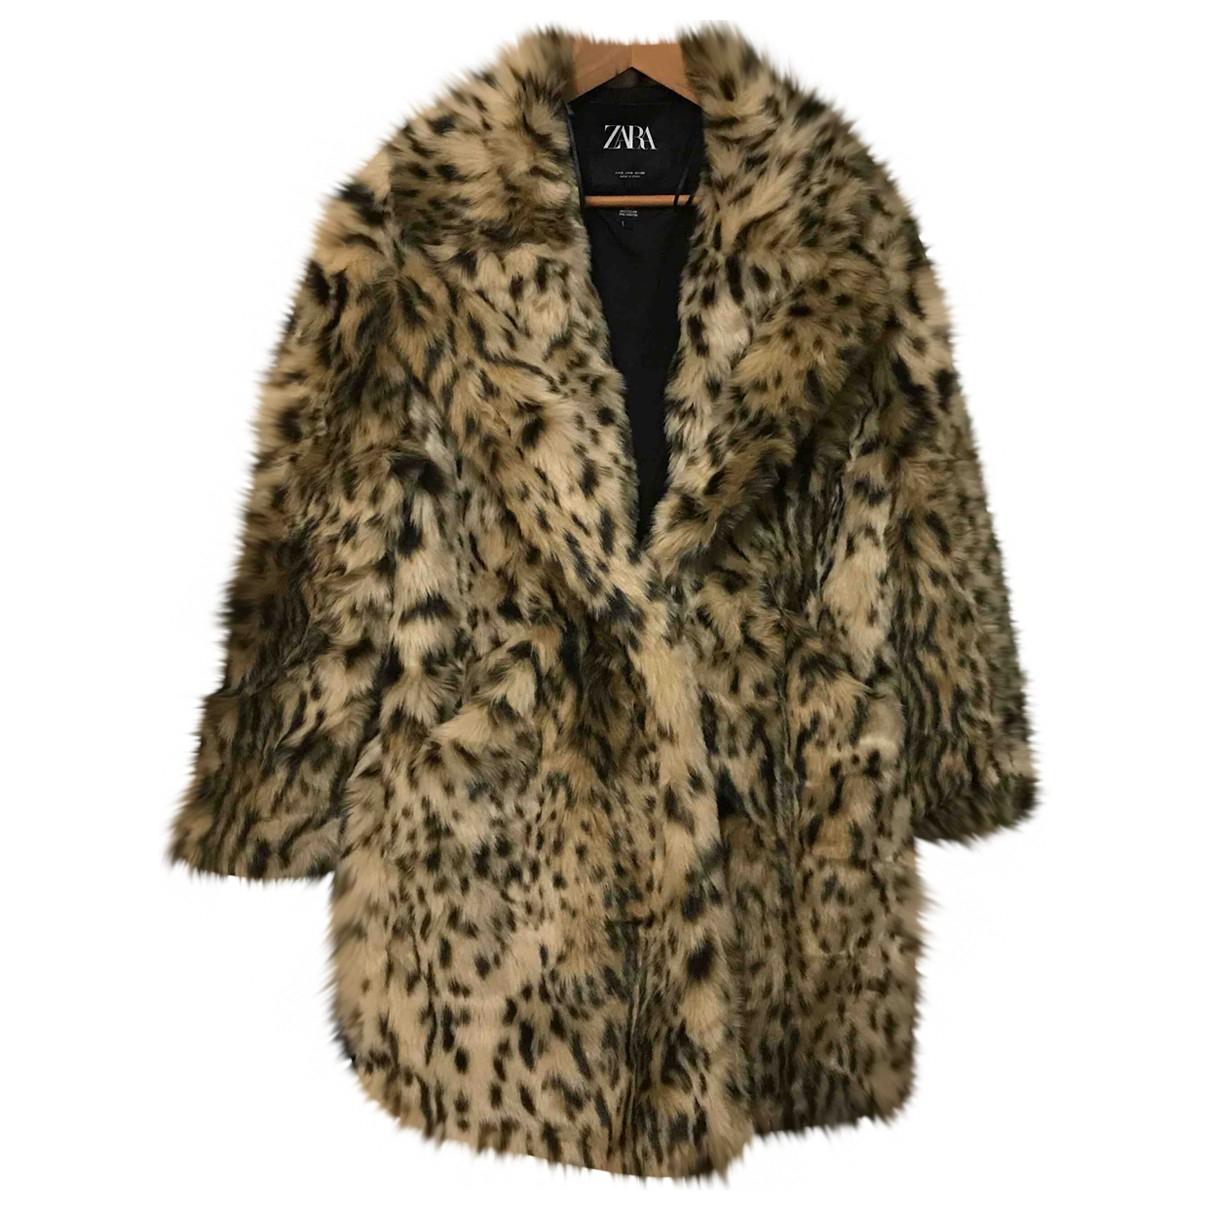 Zara - Manteau   pour femme en fourrure synthetique